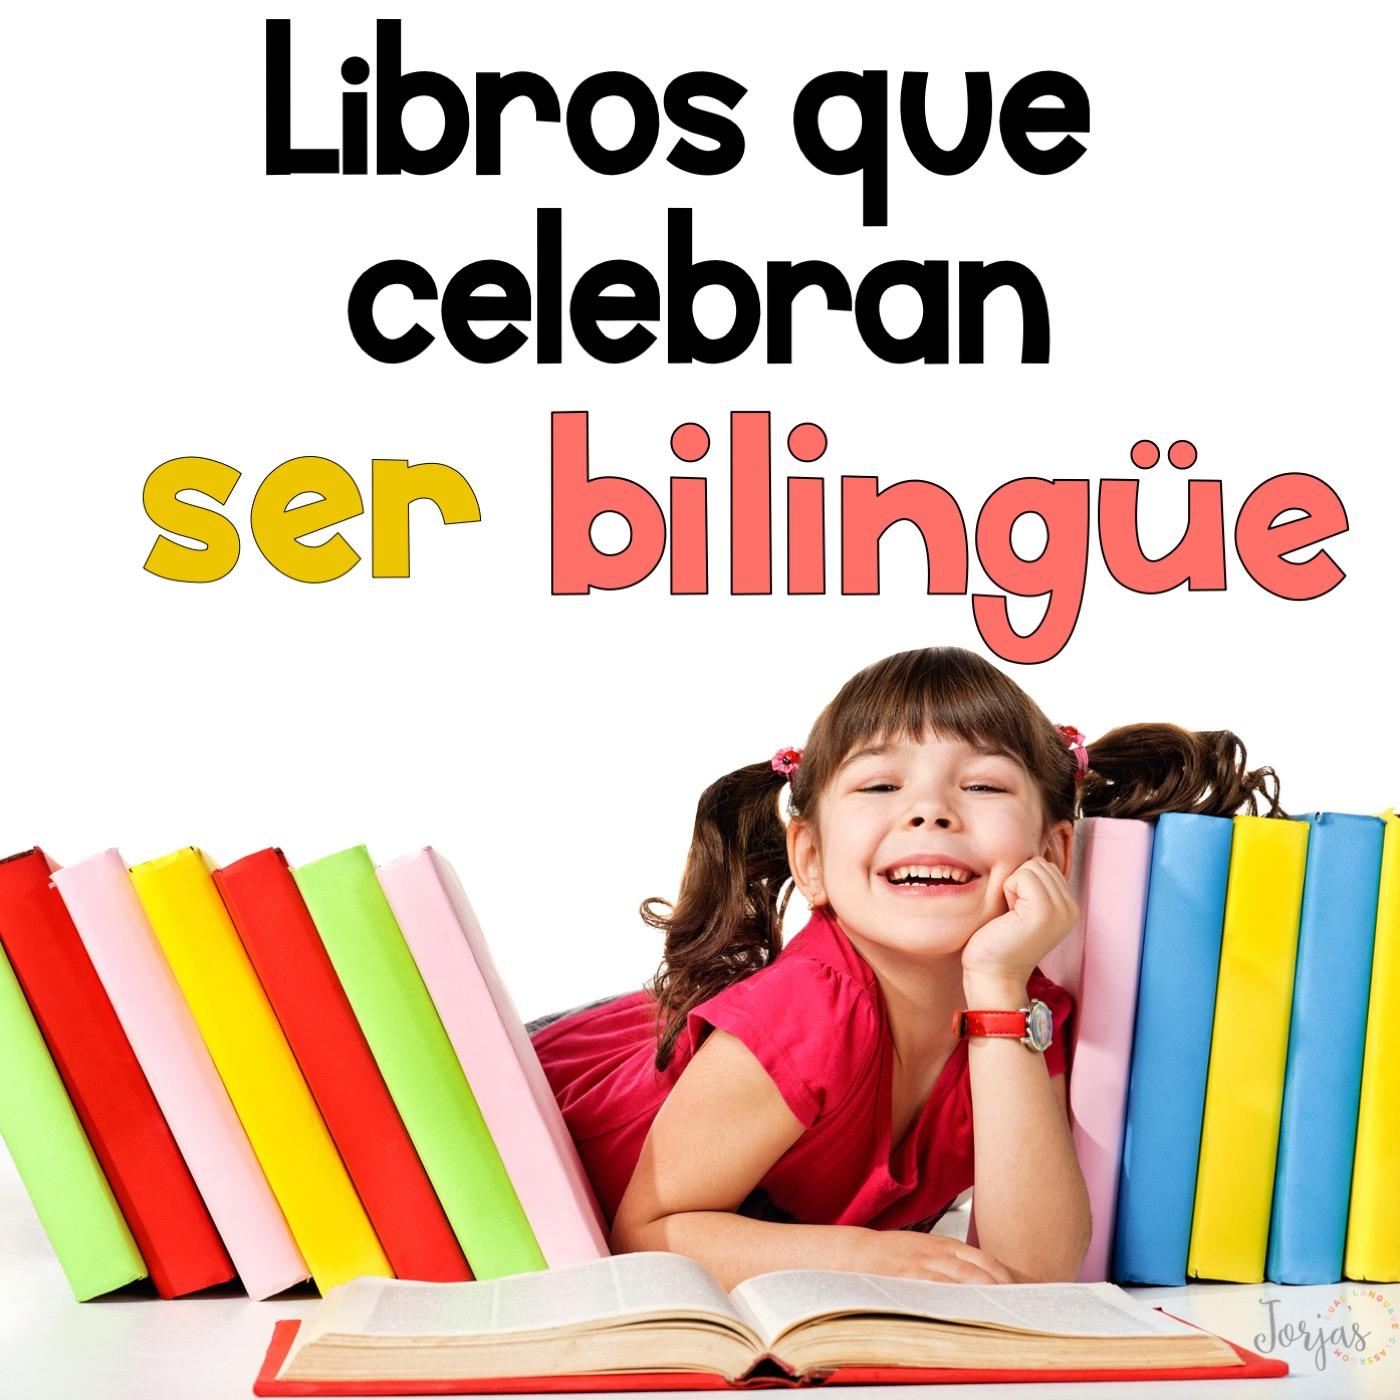 Libros Que Celebran Ser Bilingue